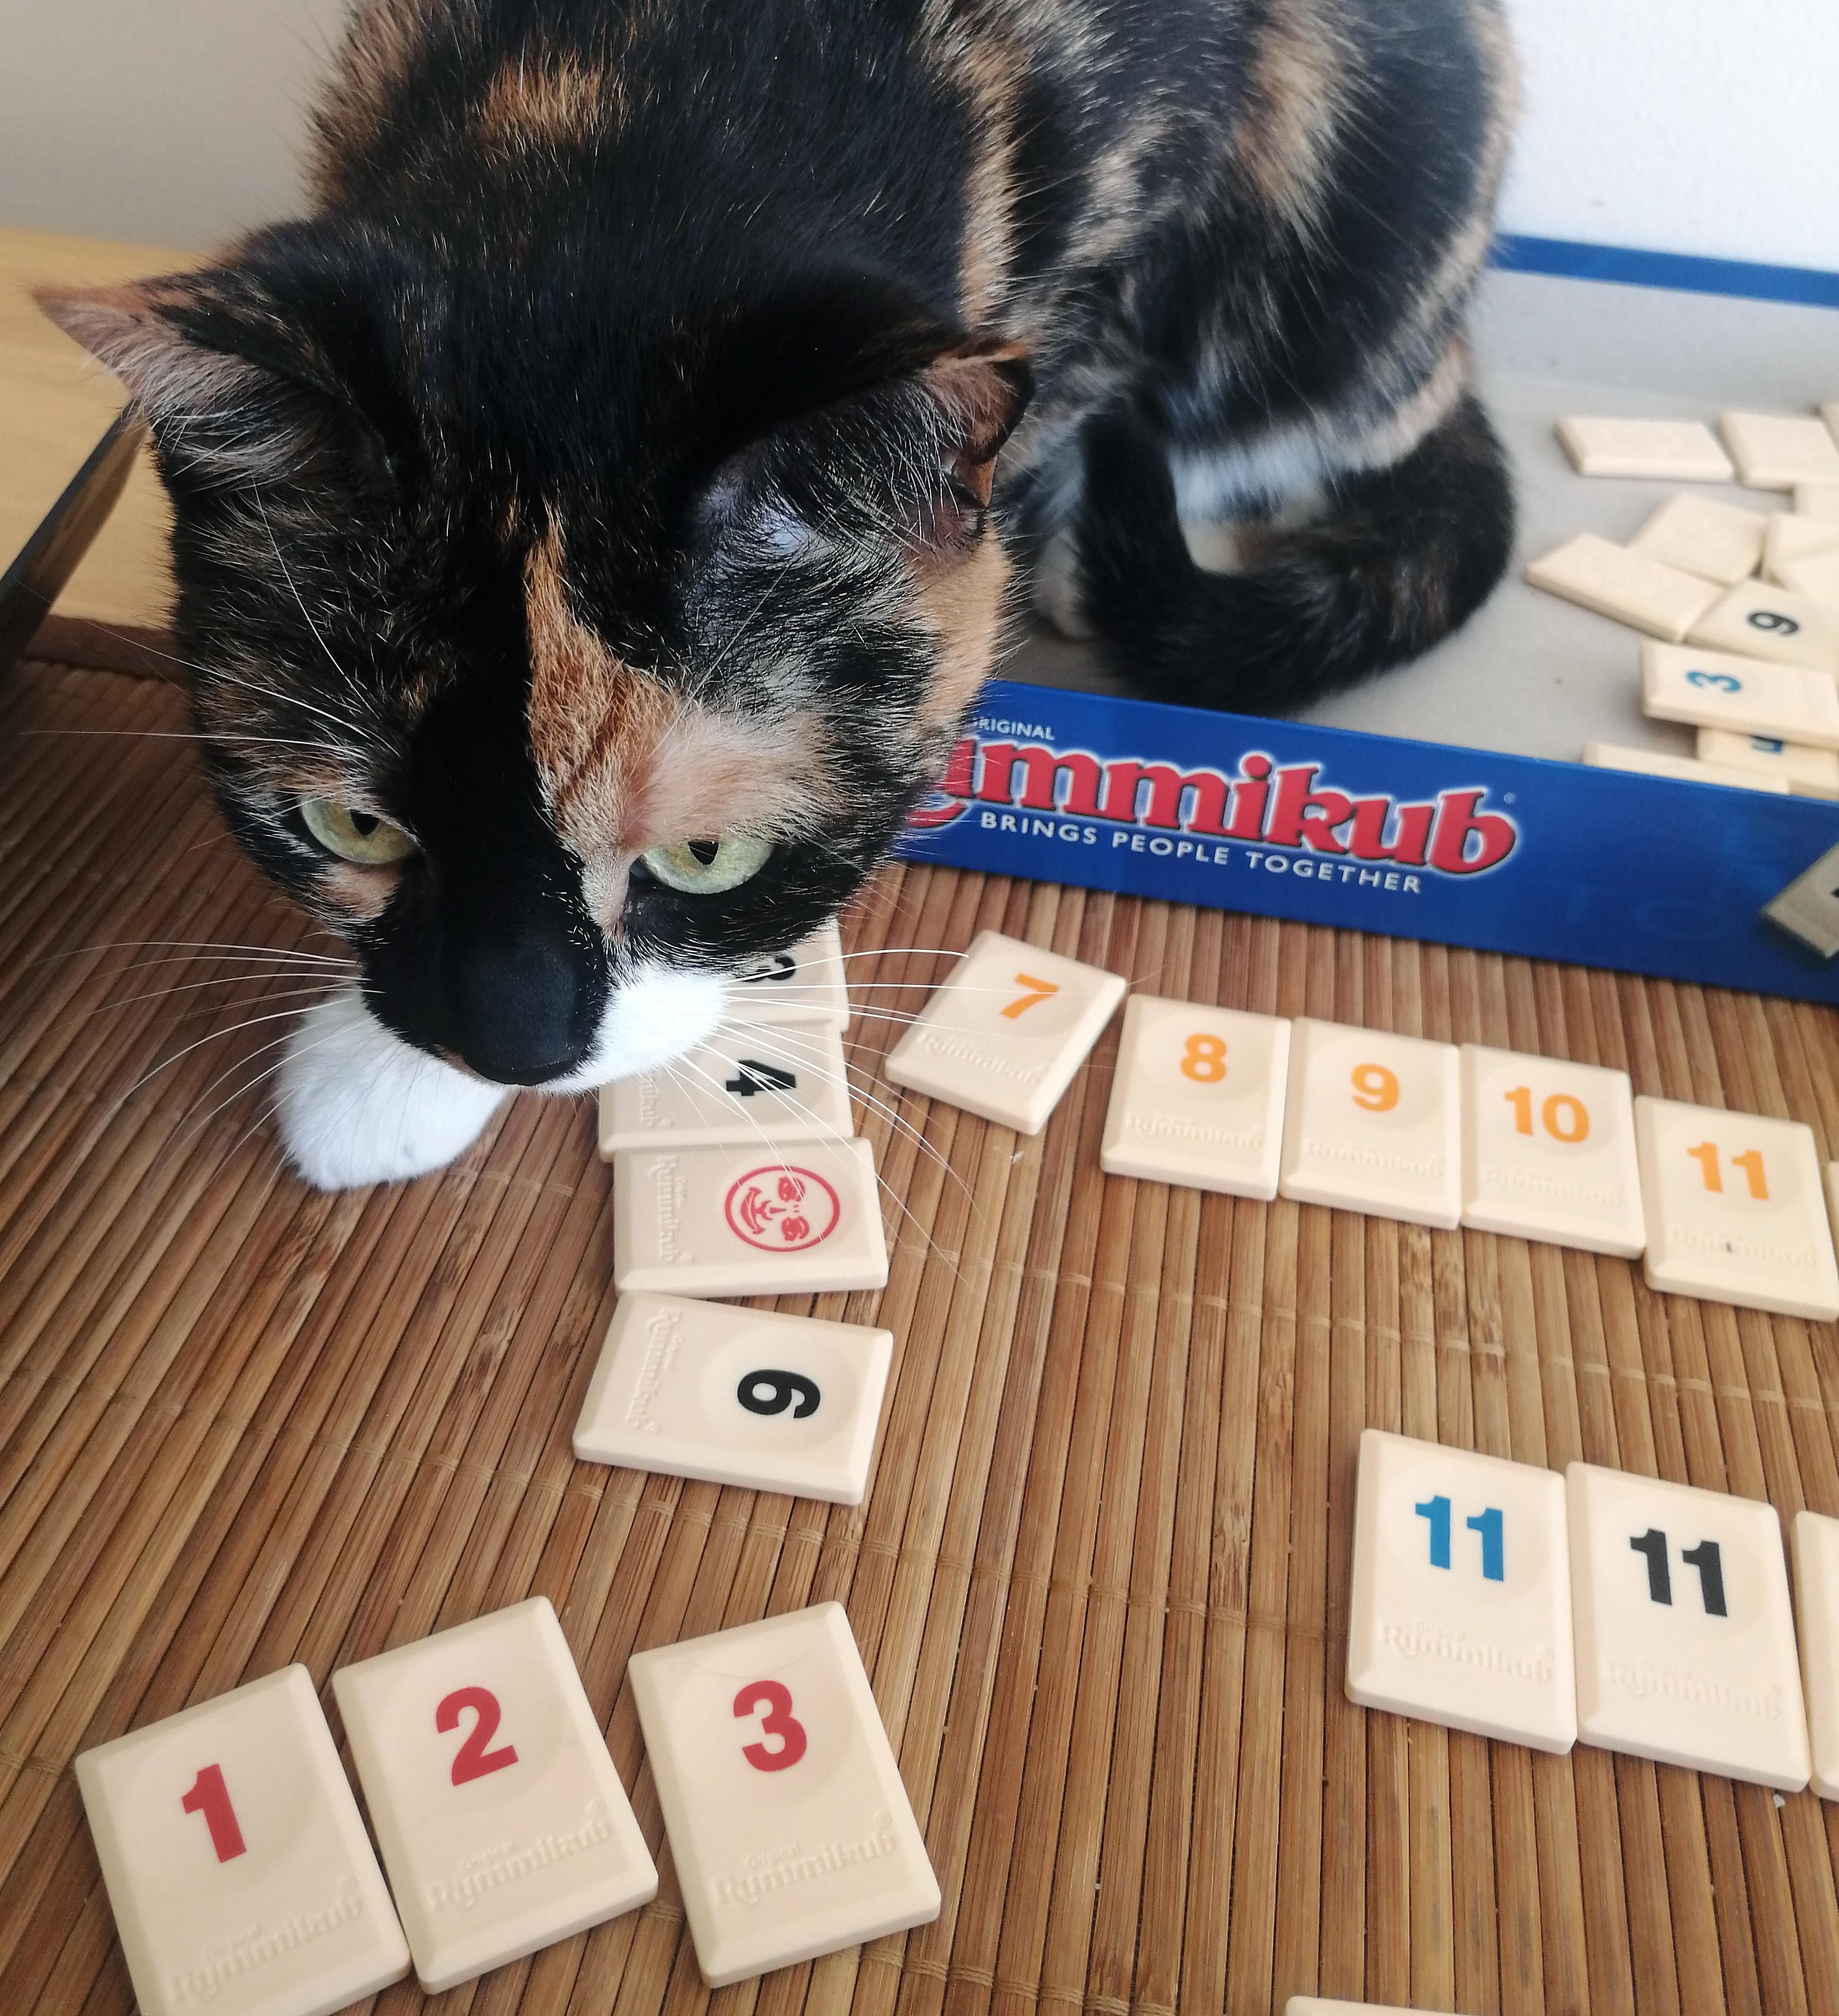 gra liczbowa rummikub